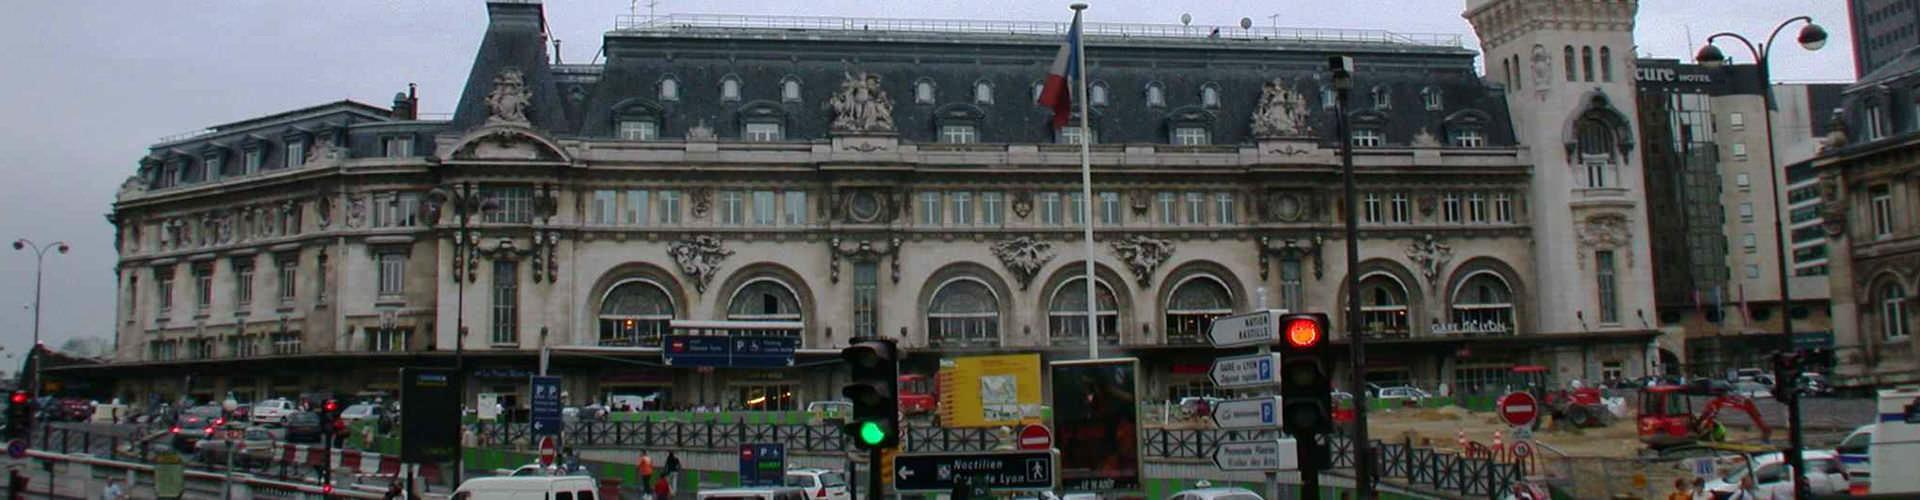 Pariisi – Hostellit lähellä Gare de Lyon rautatieasema. Pariisi -karttoja, valokuvia ja arvosteluja kaikista Pariisi -hostelleista.